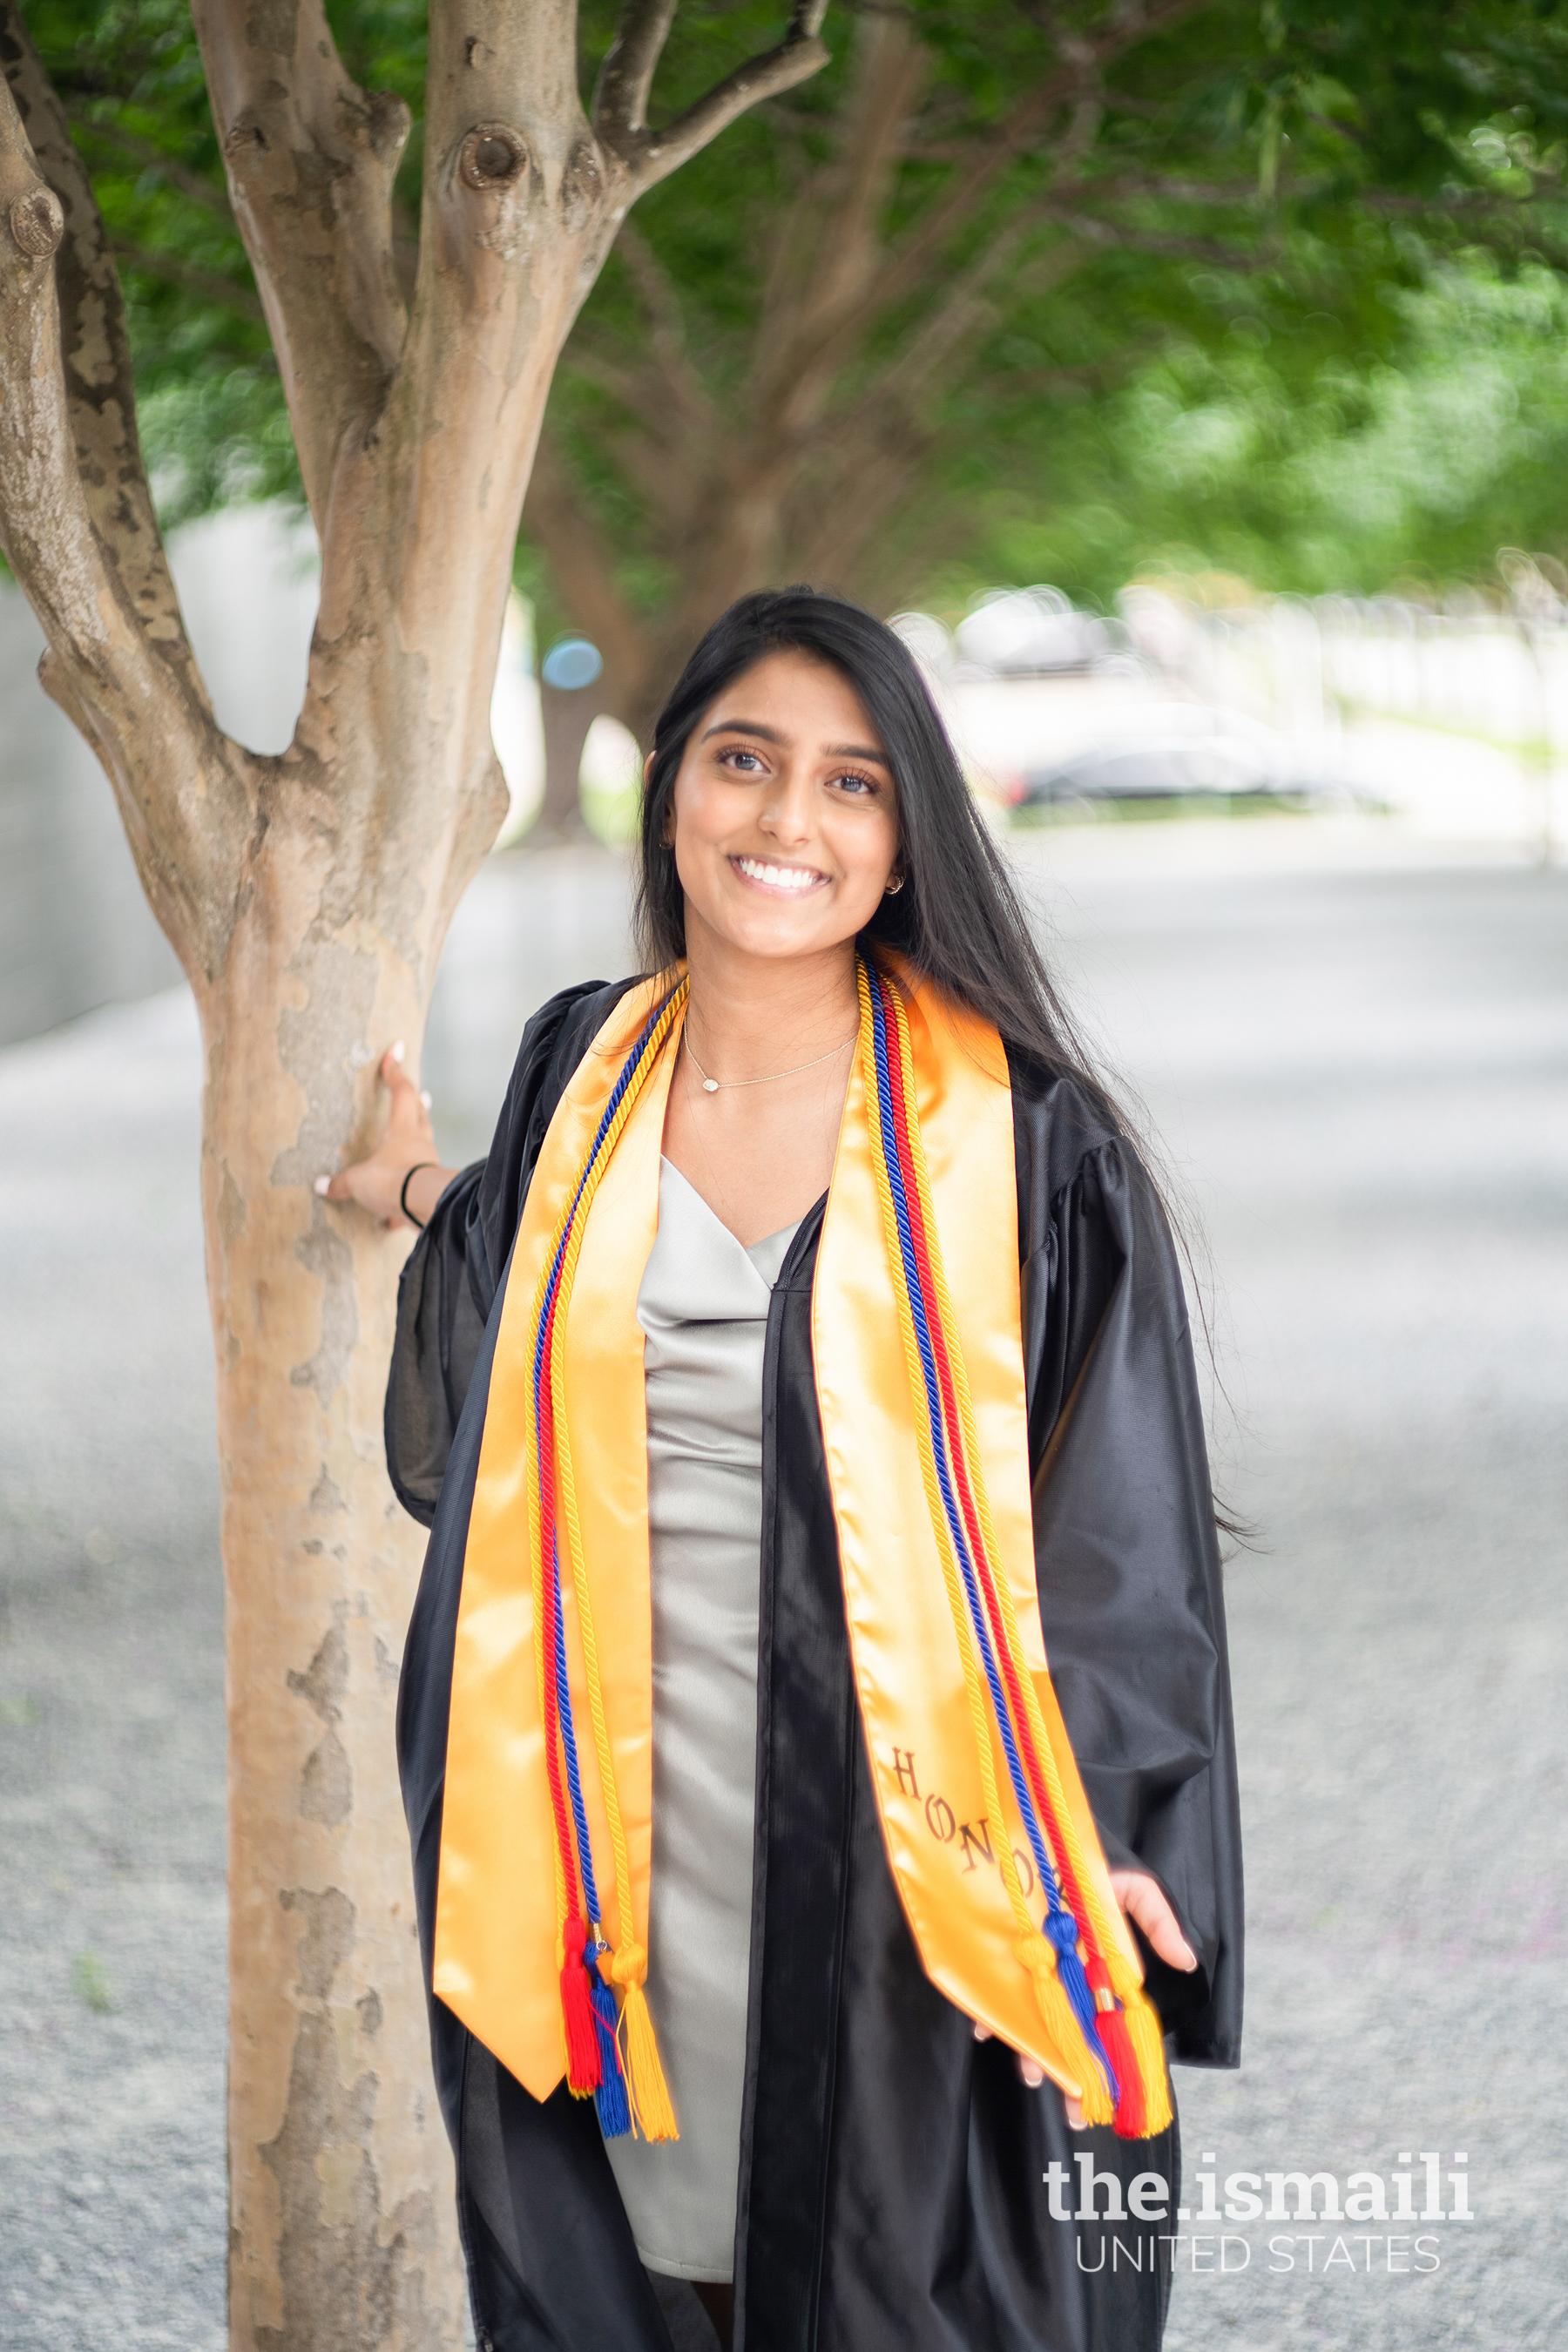 Valedictorian Fayza Dholasania from Nederrland, Texas